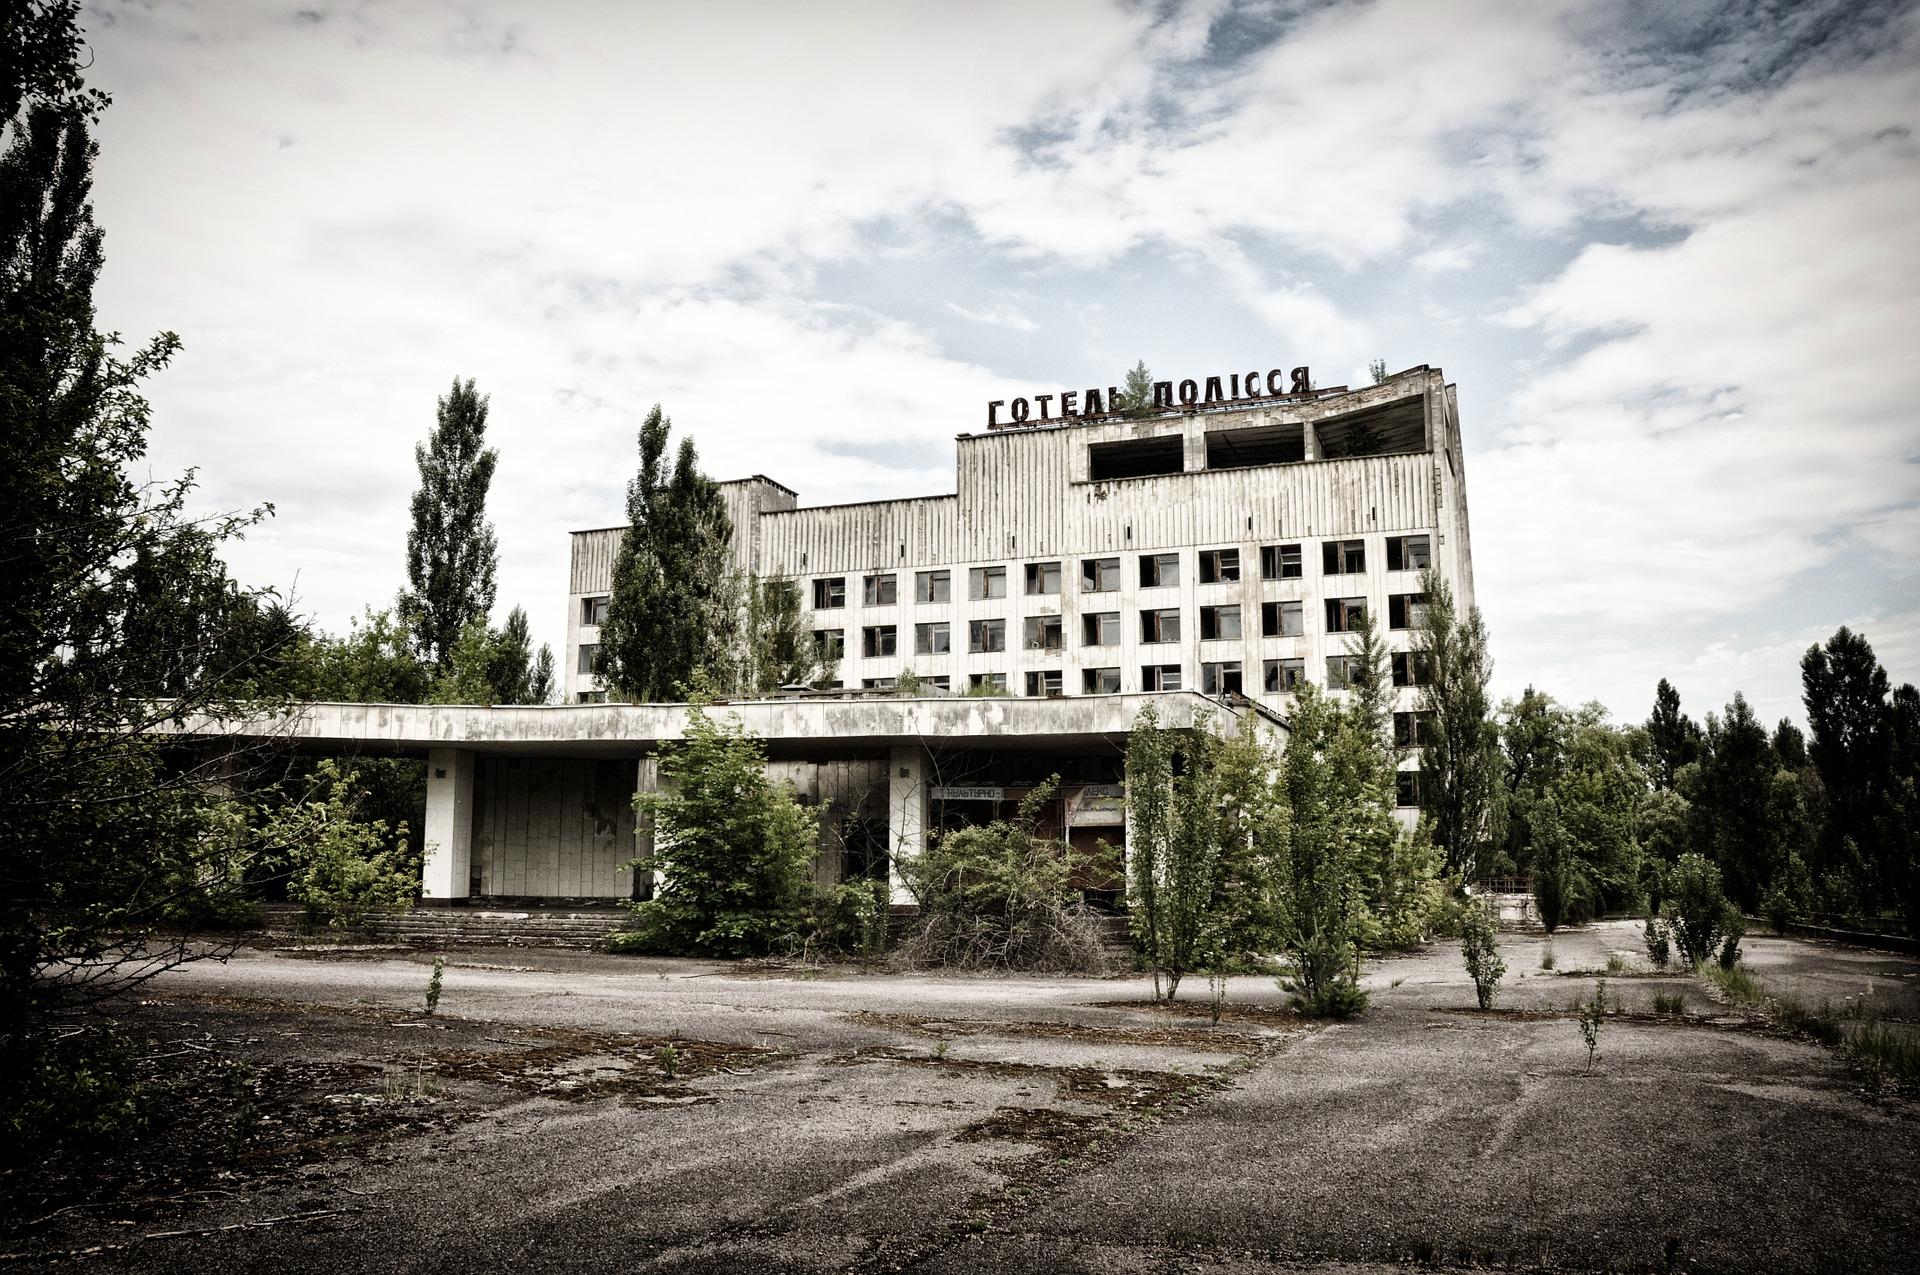 PlayStation rozrobyť proekt interaktyvnoї podoroži Čornobylem